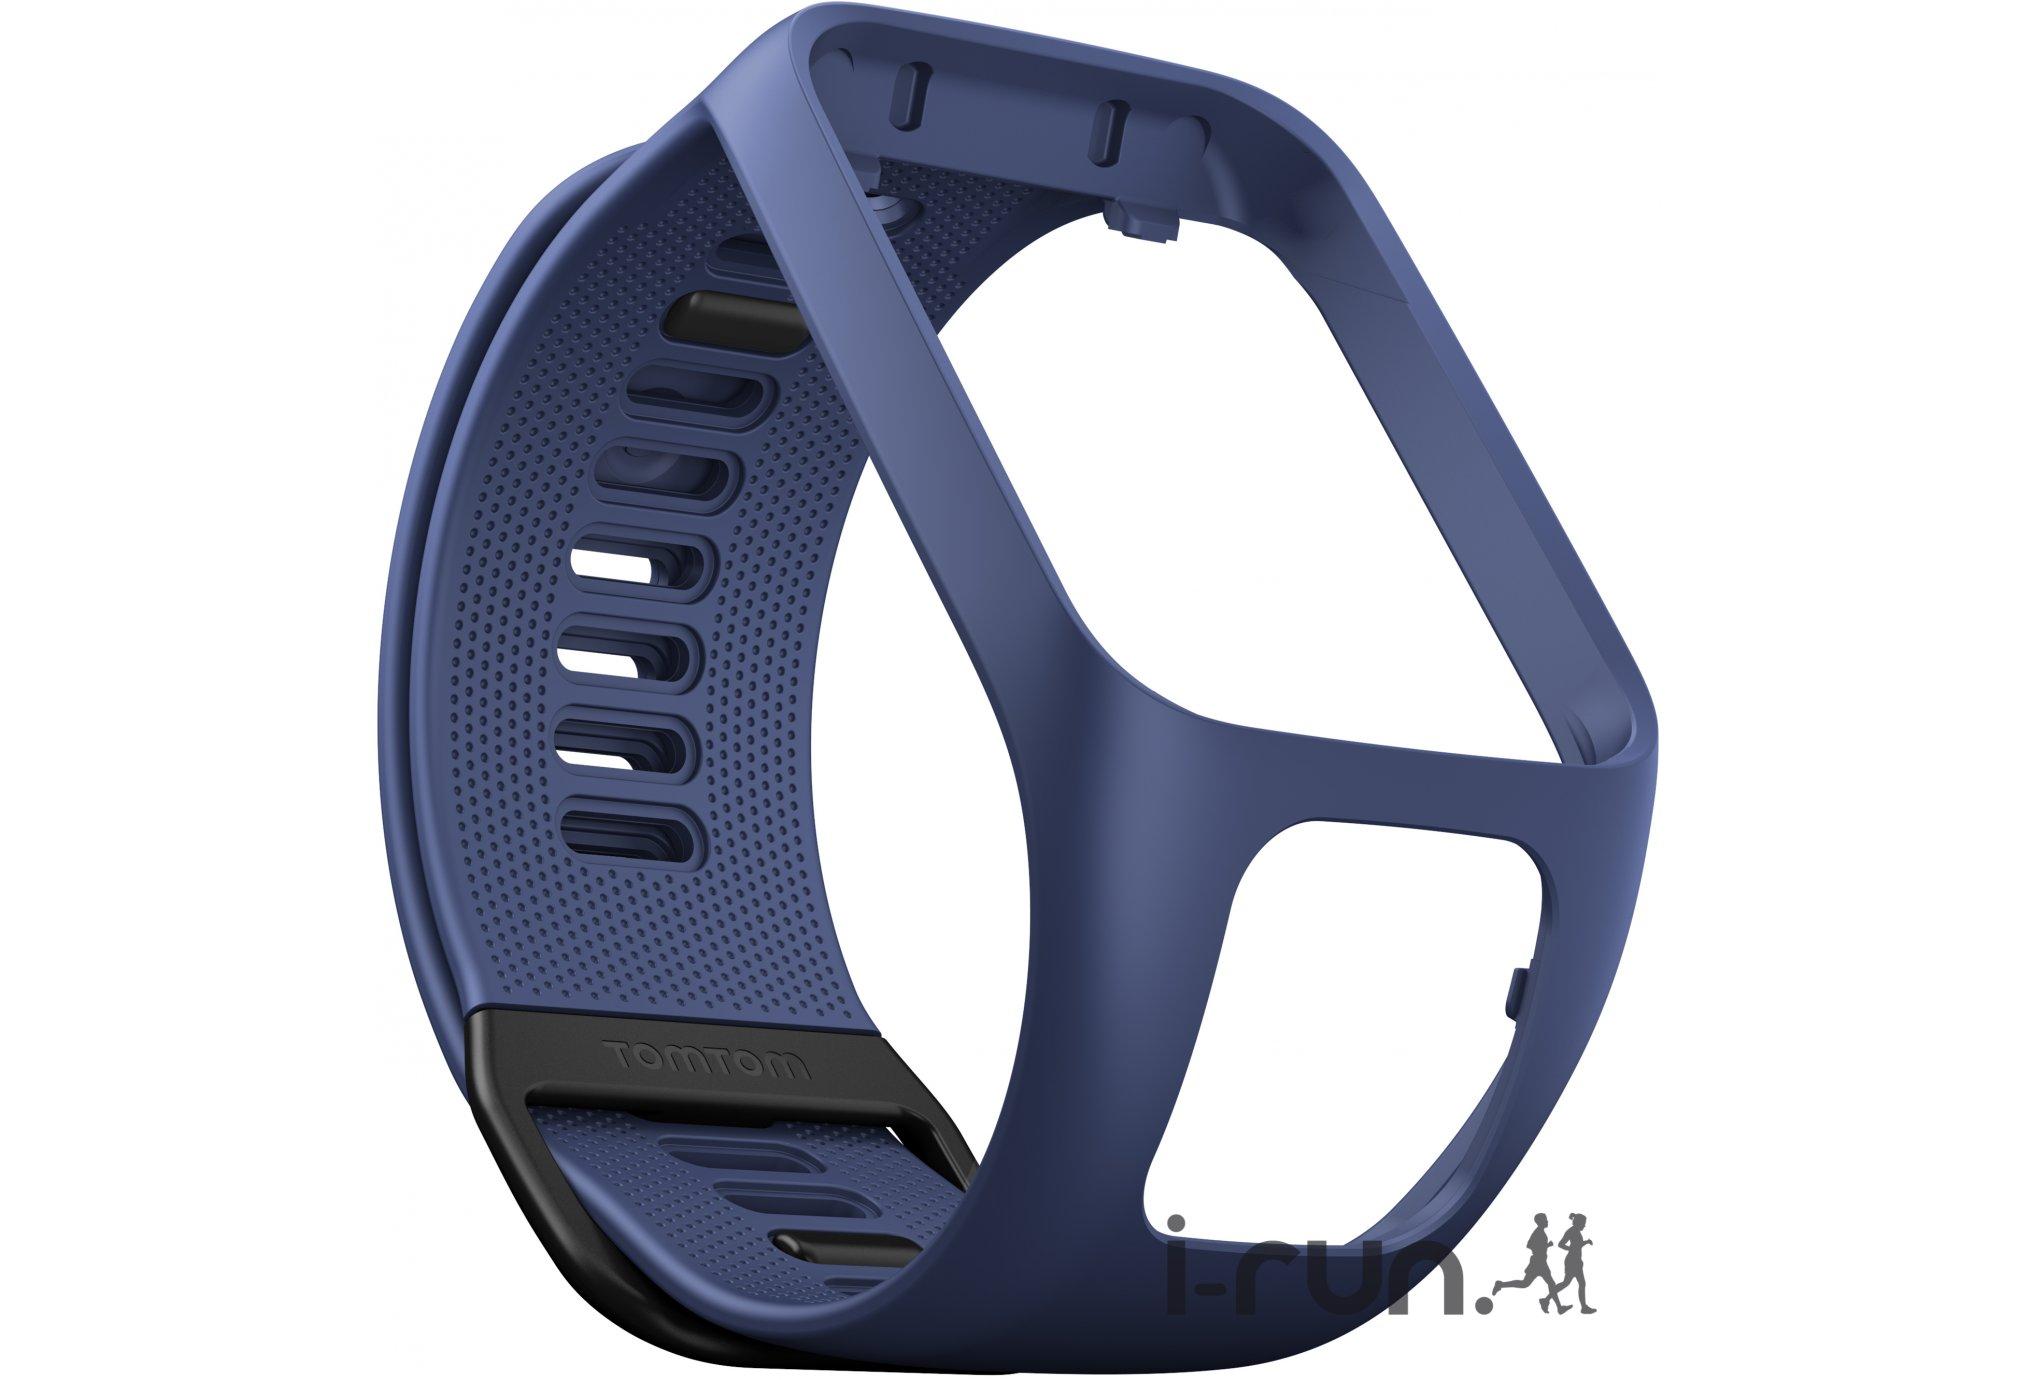 Tomtom Bracelet montre runner 3/adventurer - small accessoires montres/ bracelets